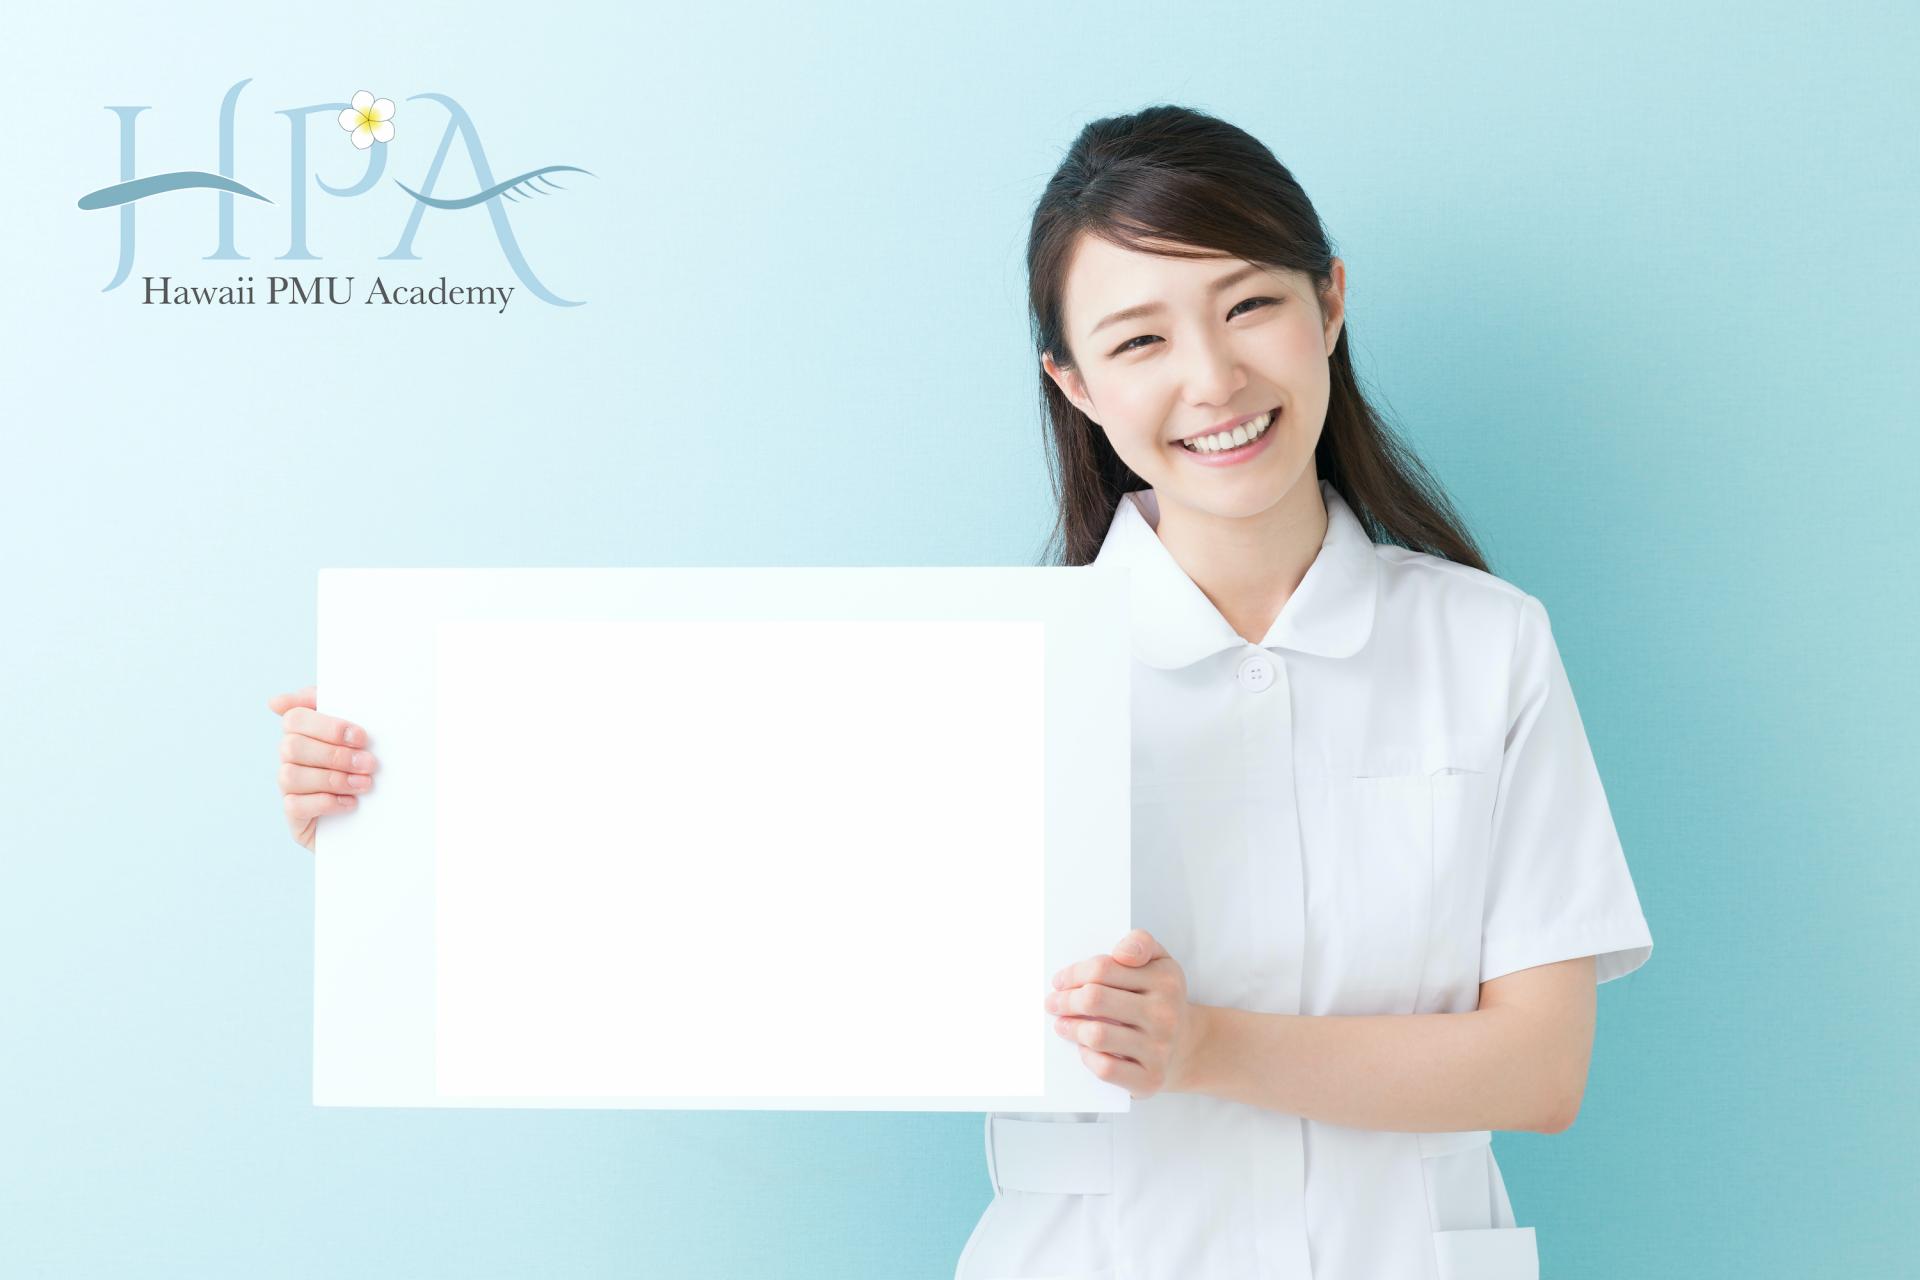 医療アートメイク 看護師さん応援プログラム<span>日本ではまだまだ少ない医療アートメイク技術者。ナースが活躍できる華やかなアートメイク界。看護師限定で特別講習費を設け、これから頑張るあなたを応援します。詳しくはお問い合わせください。</span>